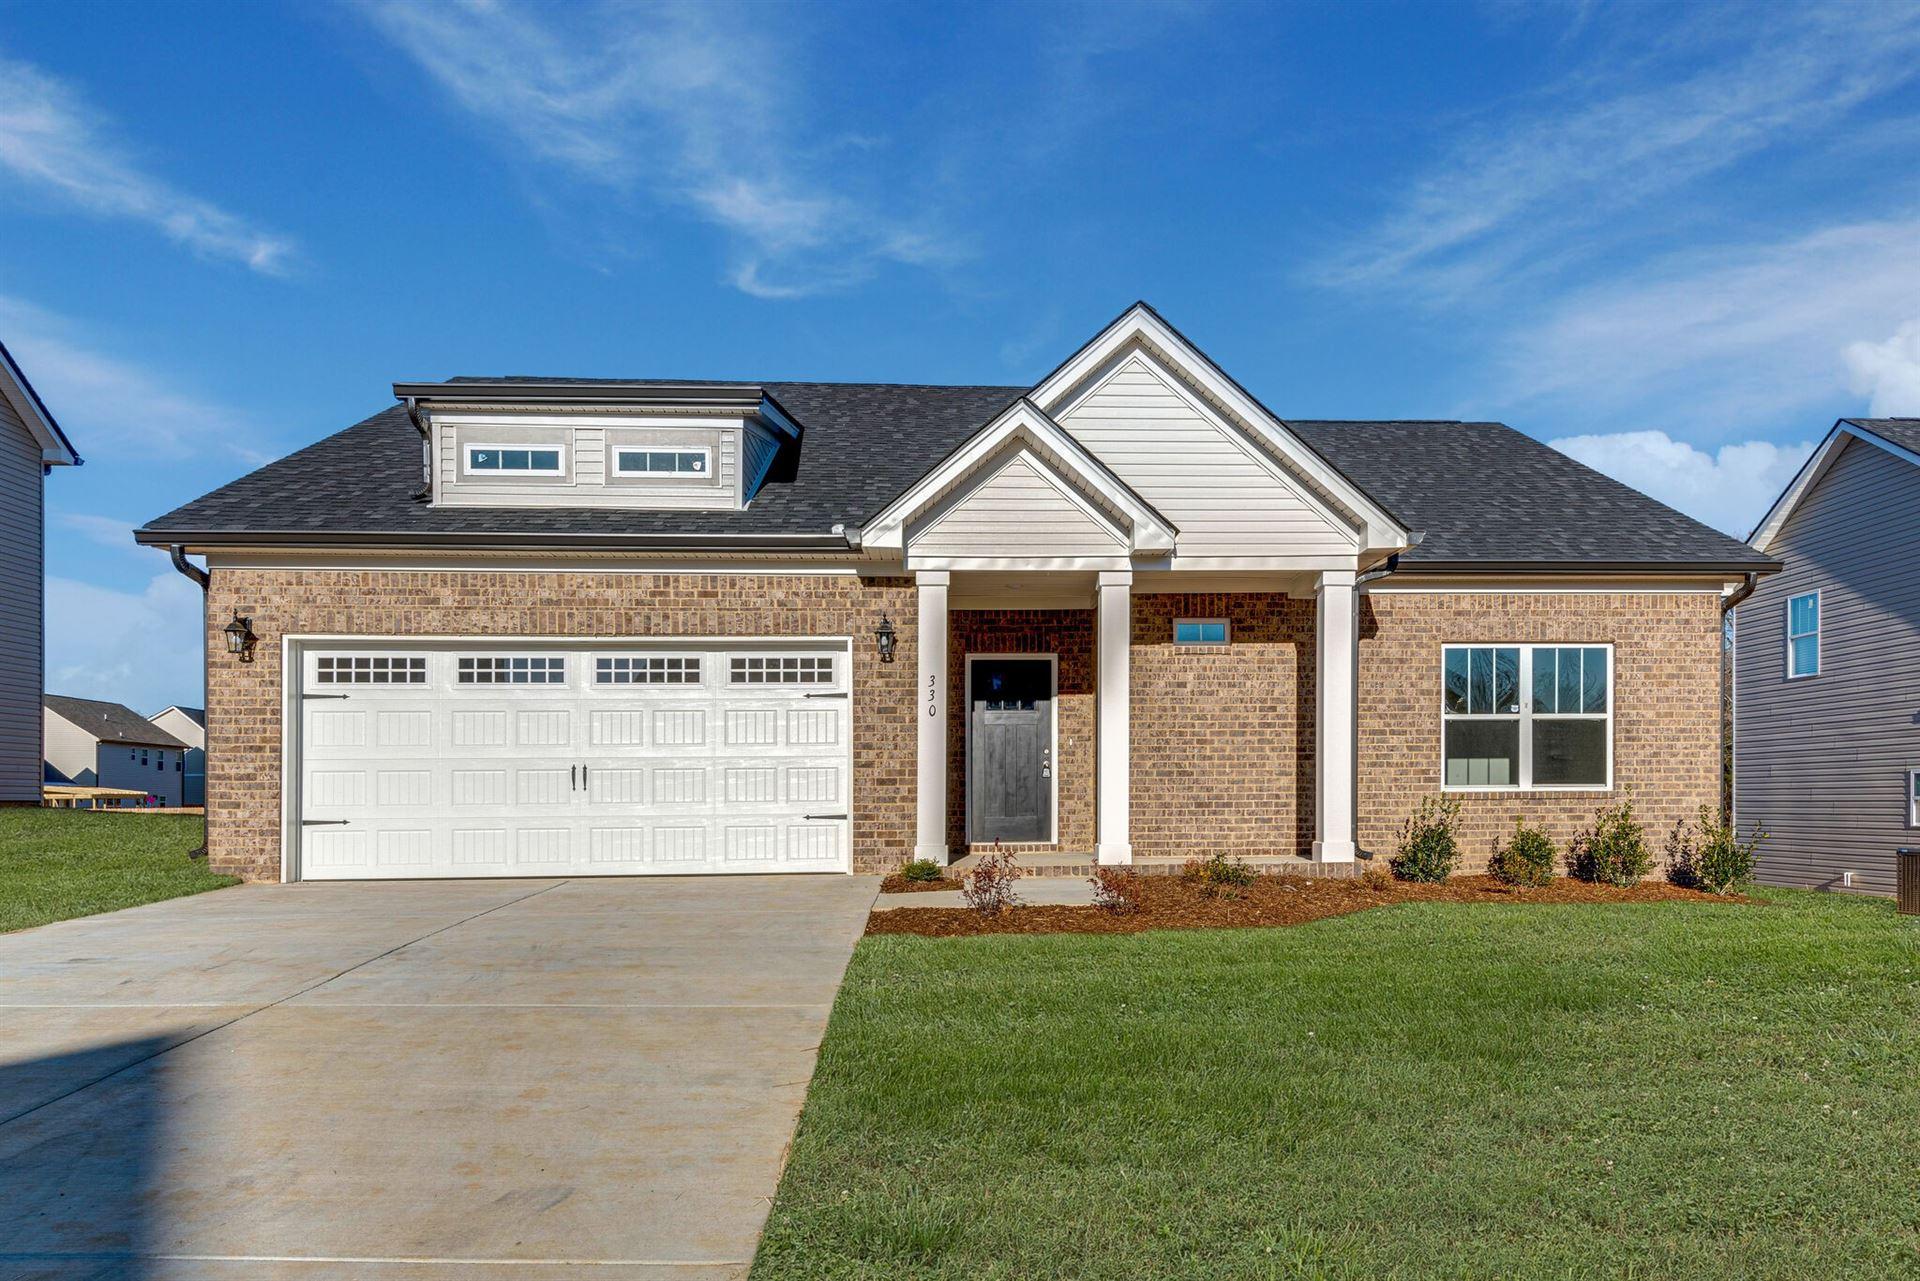 332 Wyburn Place (Lot 74), Burns, TN 37029 - MLS#: 2275716